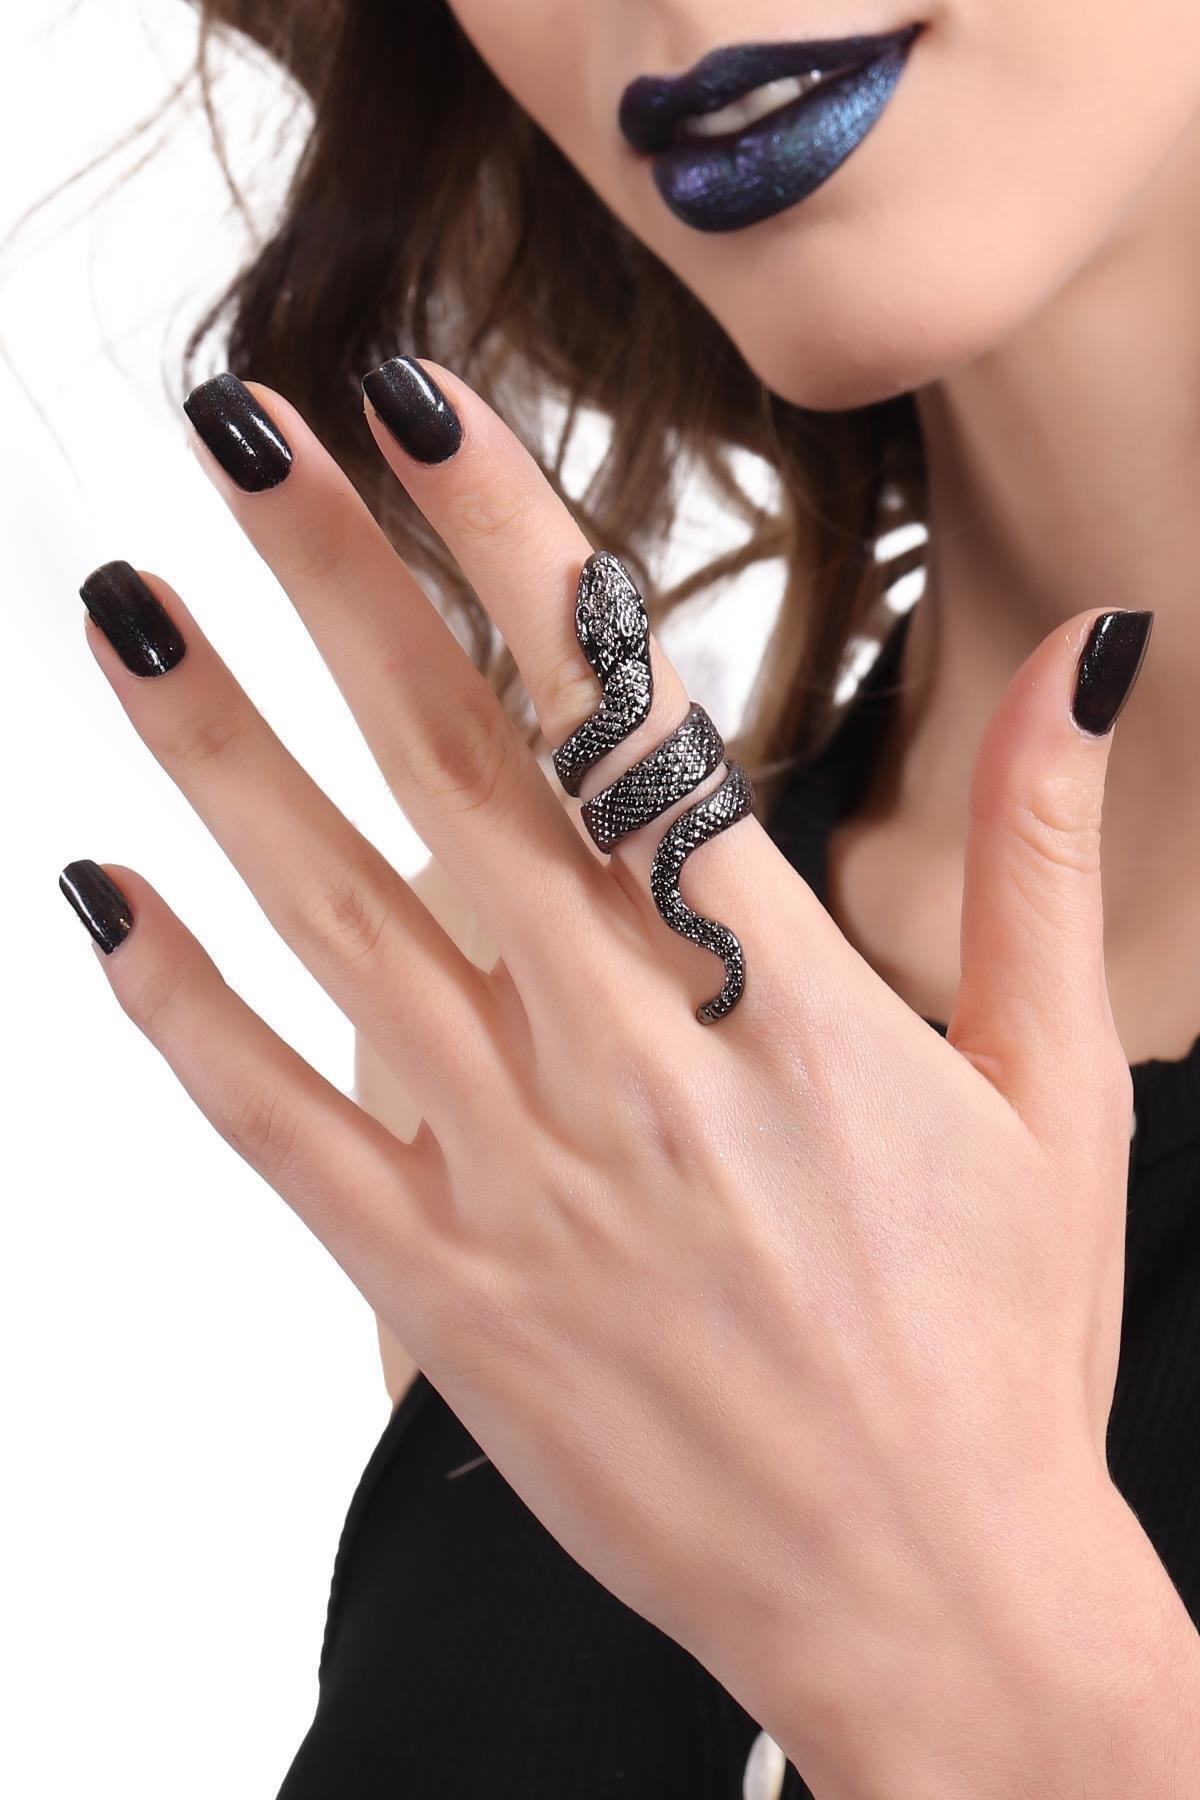 LABALABA Kadın Metalik Antrasit Lak Kaplama Dolama Model Yılan Formlu Ayarlanabilir Sağ Parmak Yüzük 2